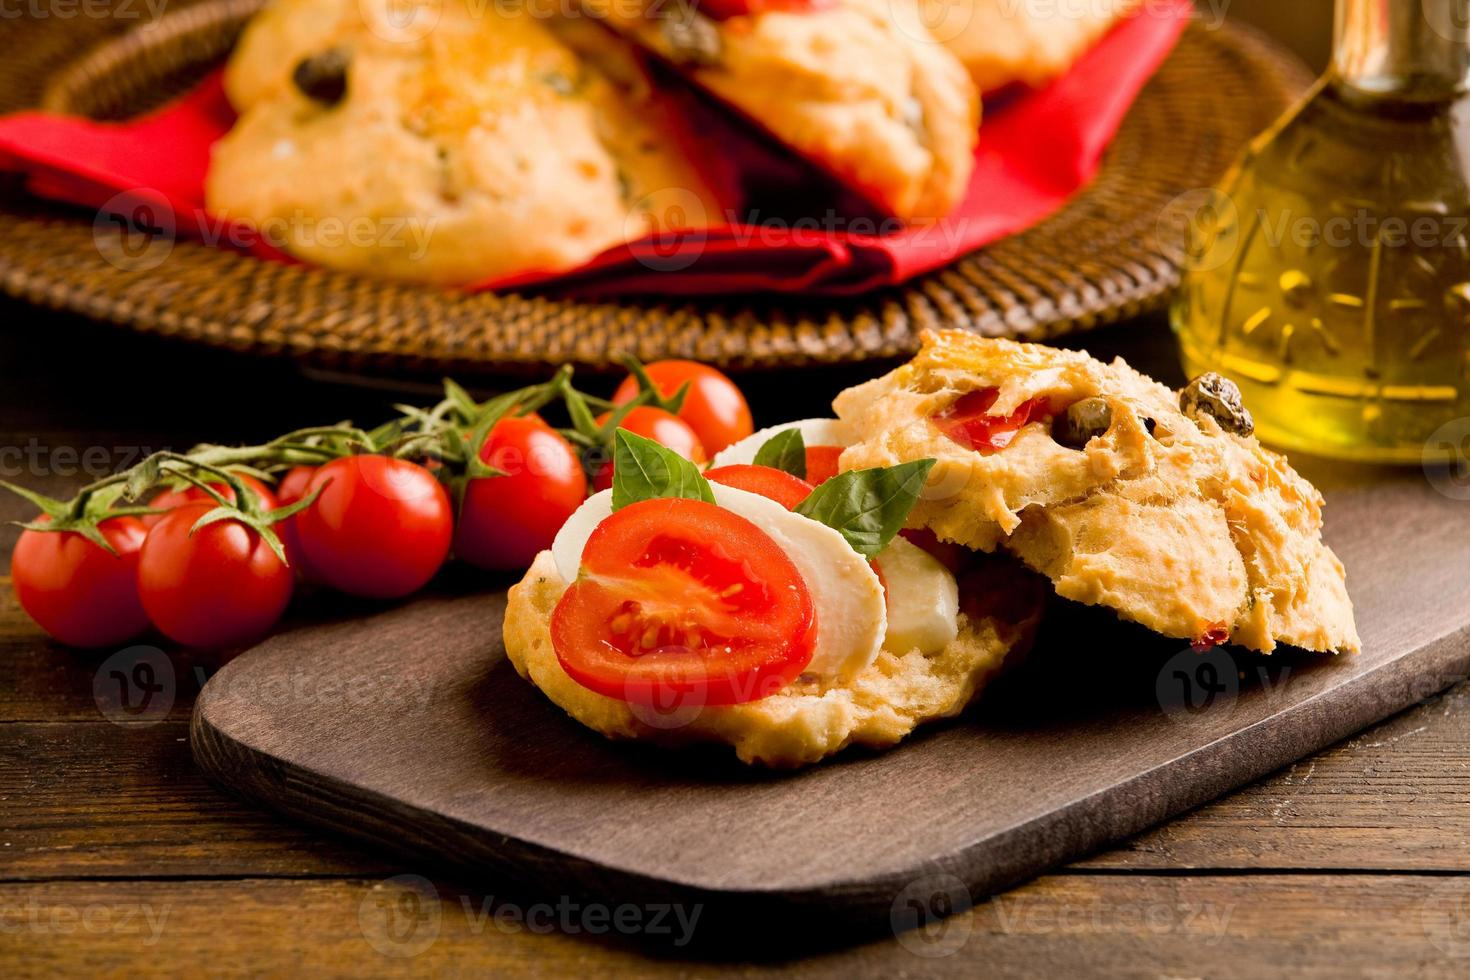 rollos de pizza caseros rellenos de tomate y mozzarella foto